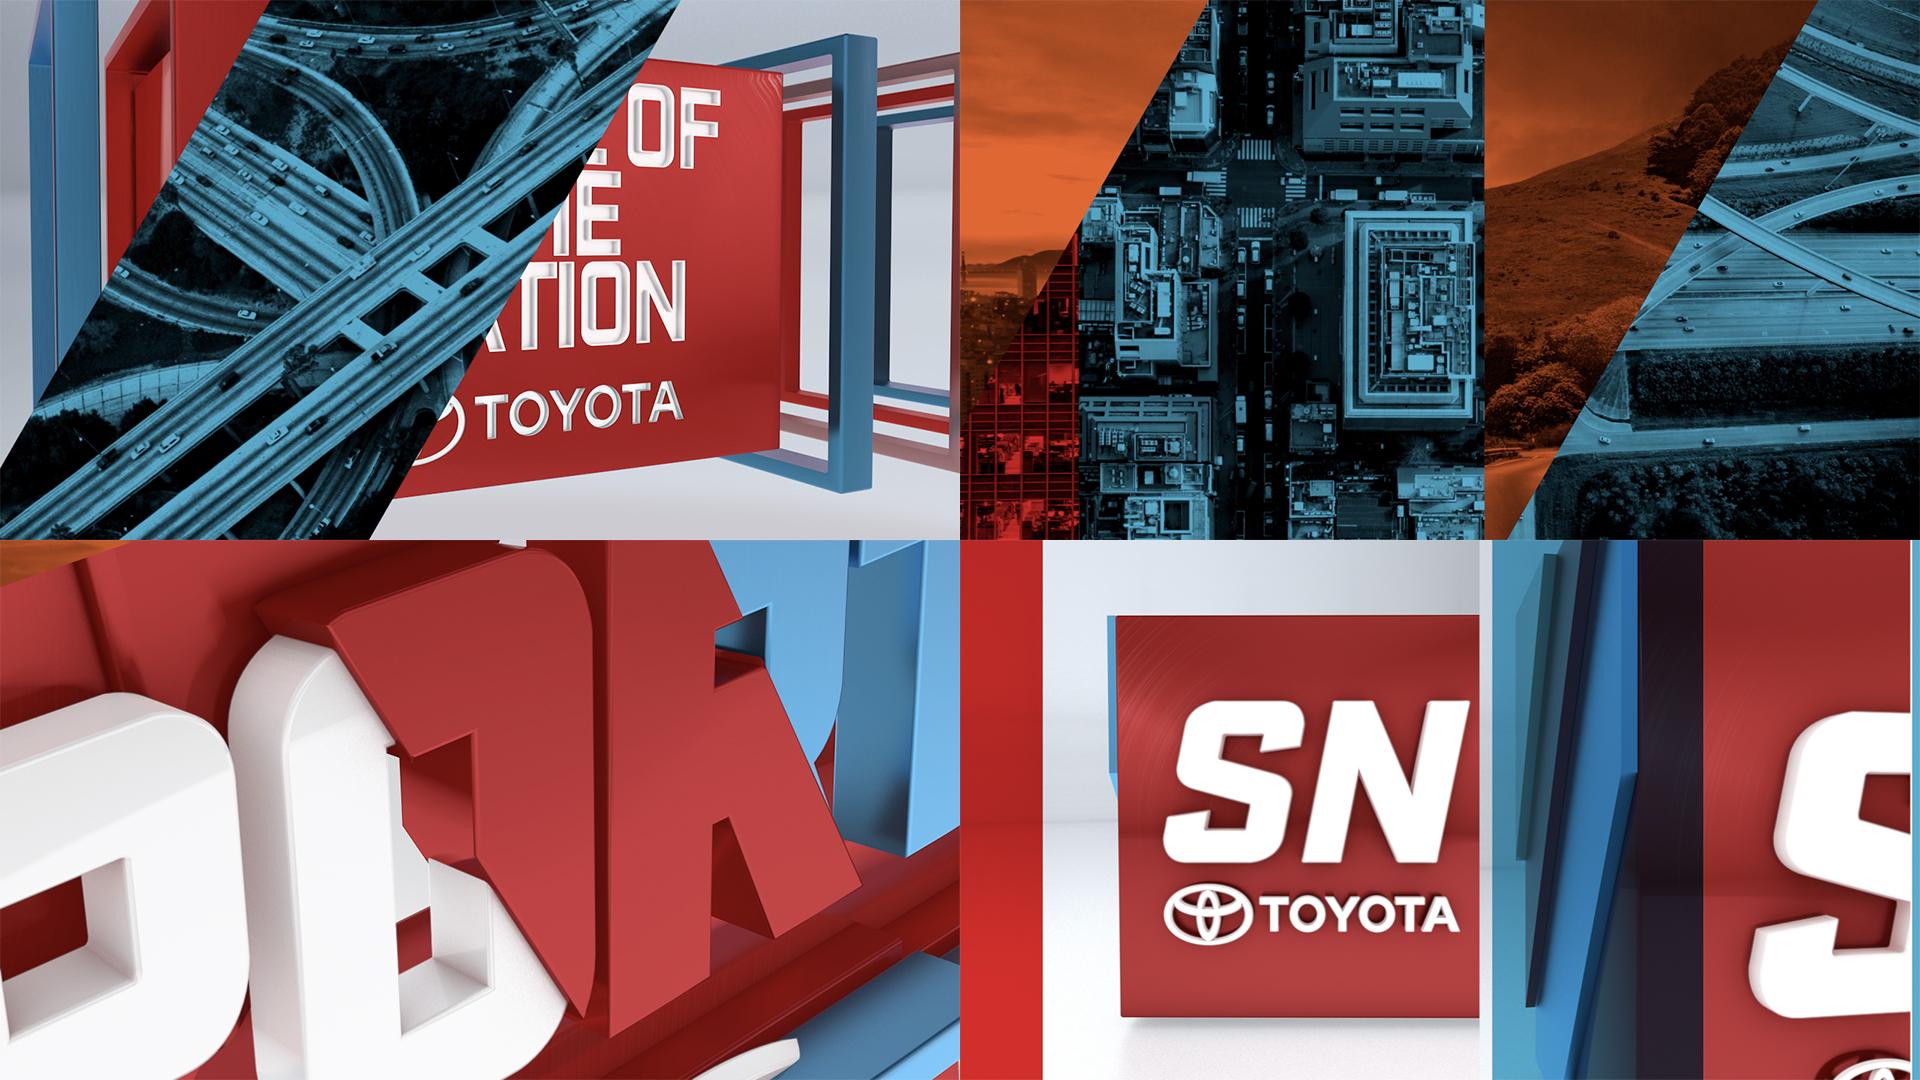 ESPN_SN_Frames_3.jpg